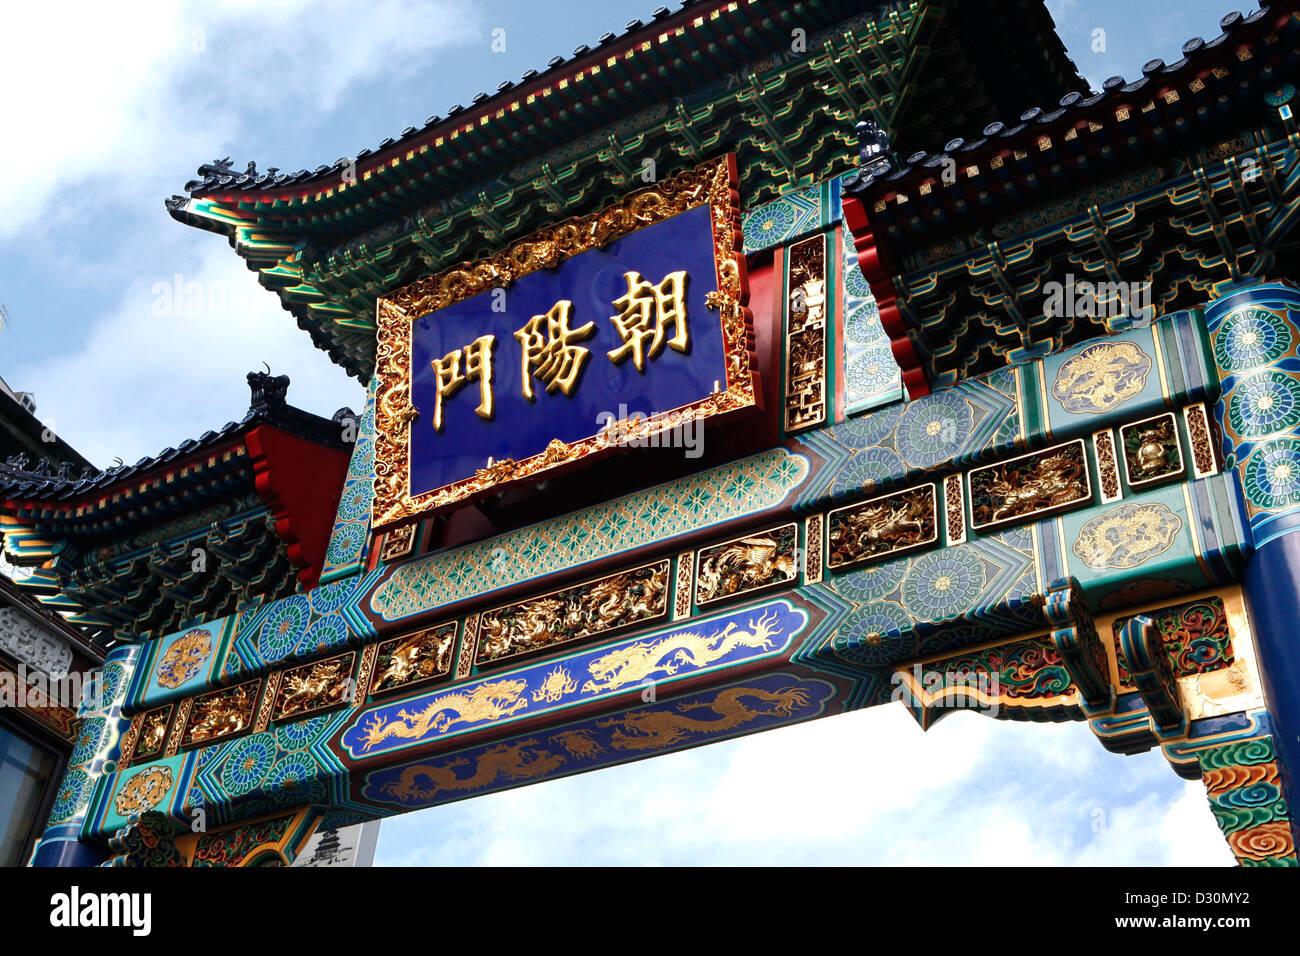 Yokahama, Japan, Chinatown, Goodwill Gate - Stock Image